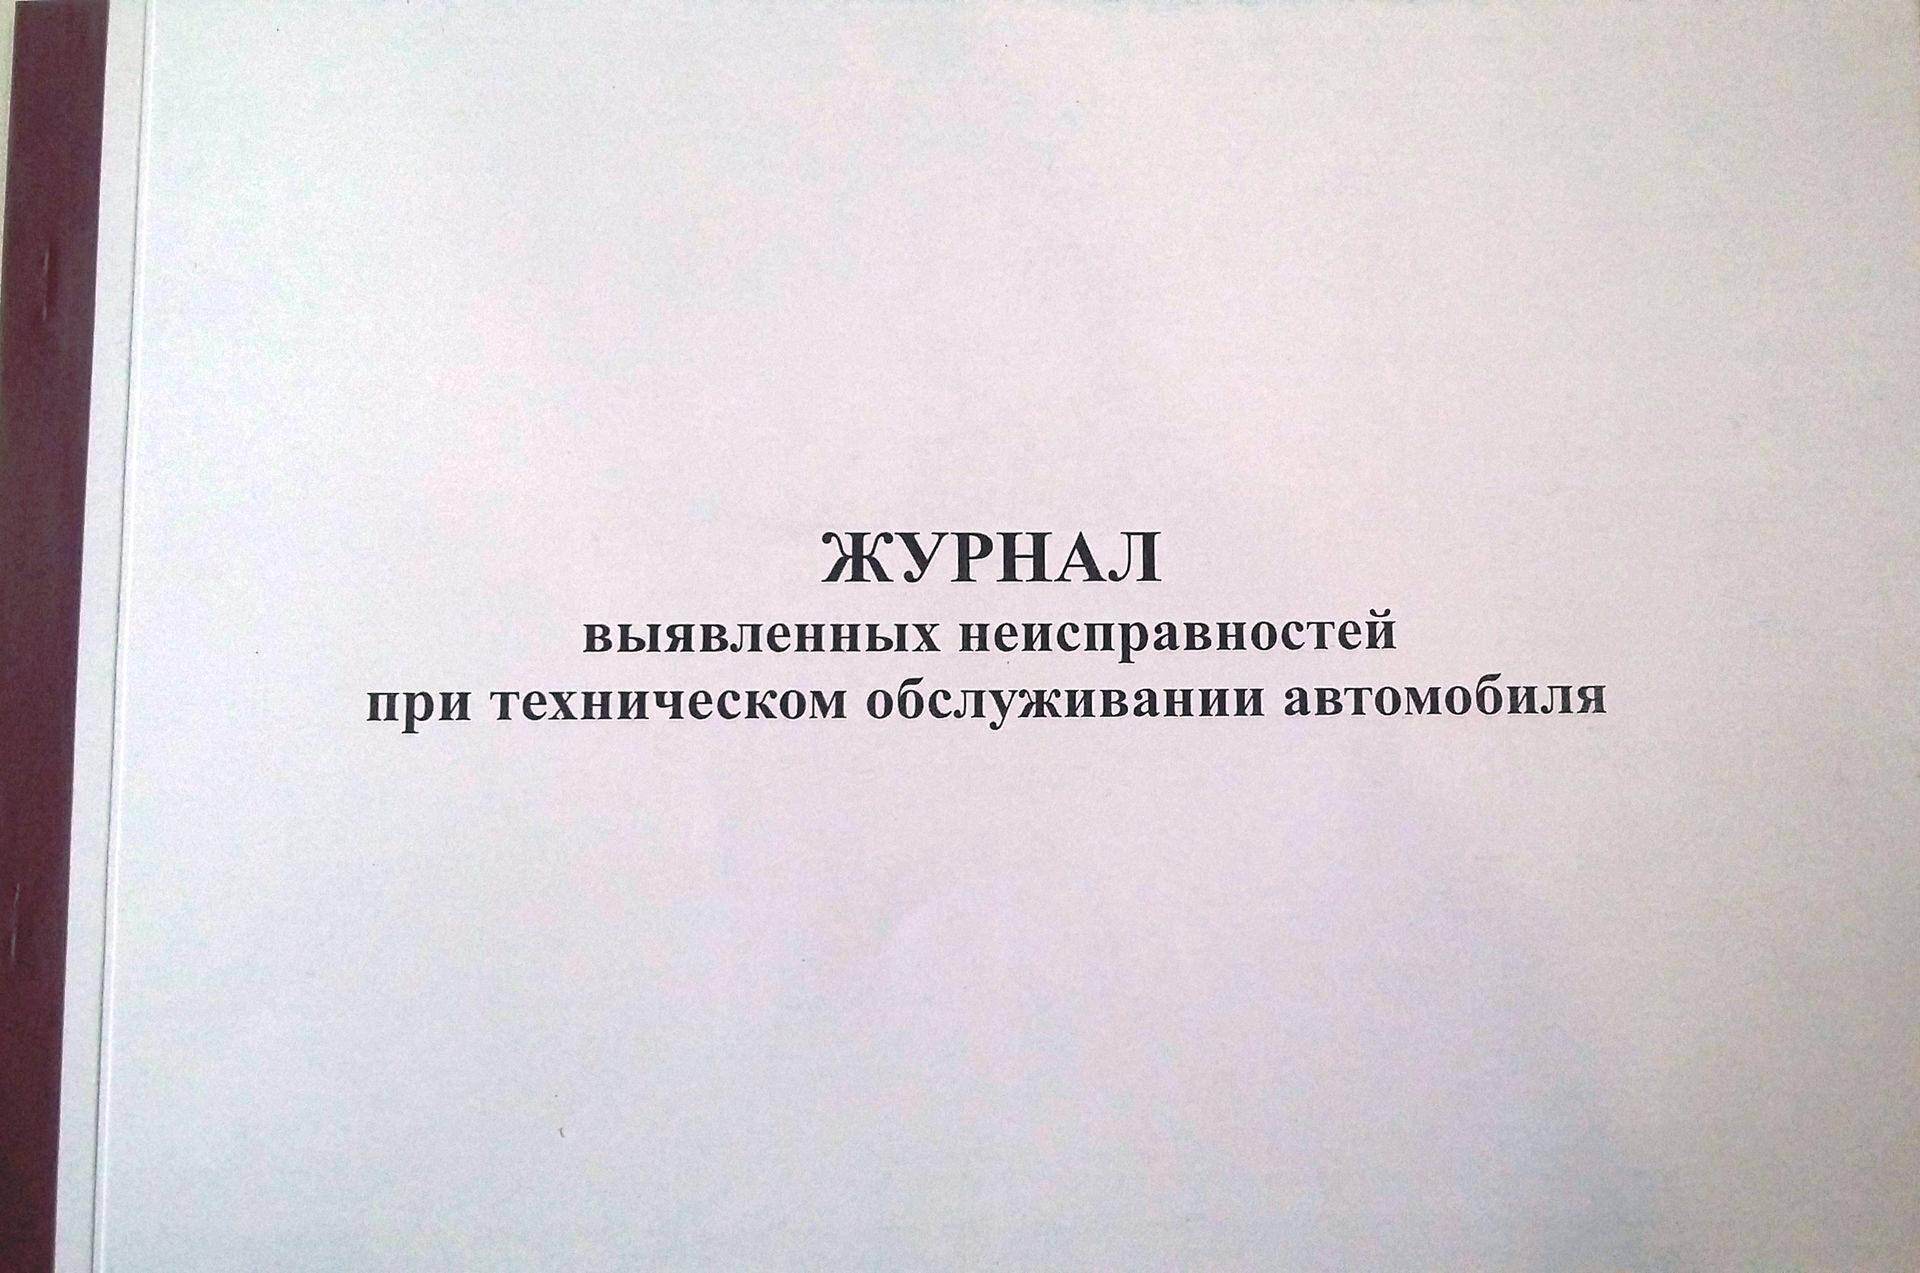 Правила технической эксплуатации производственных зданий и сооружений